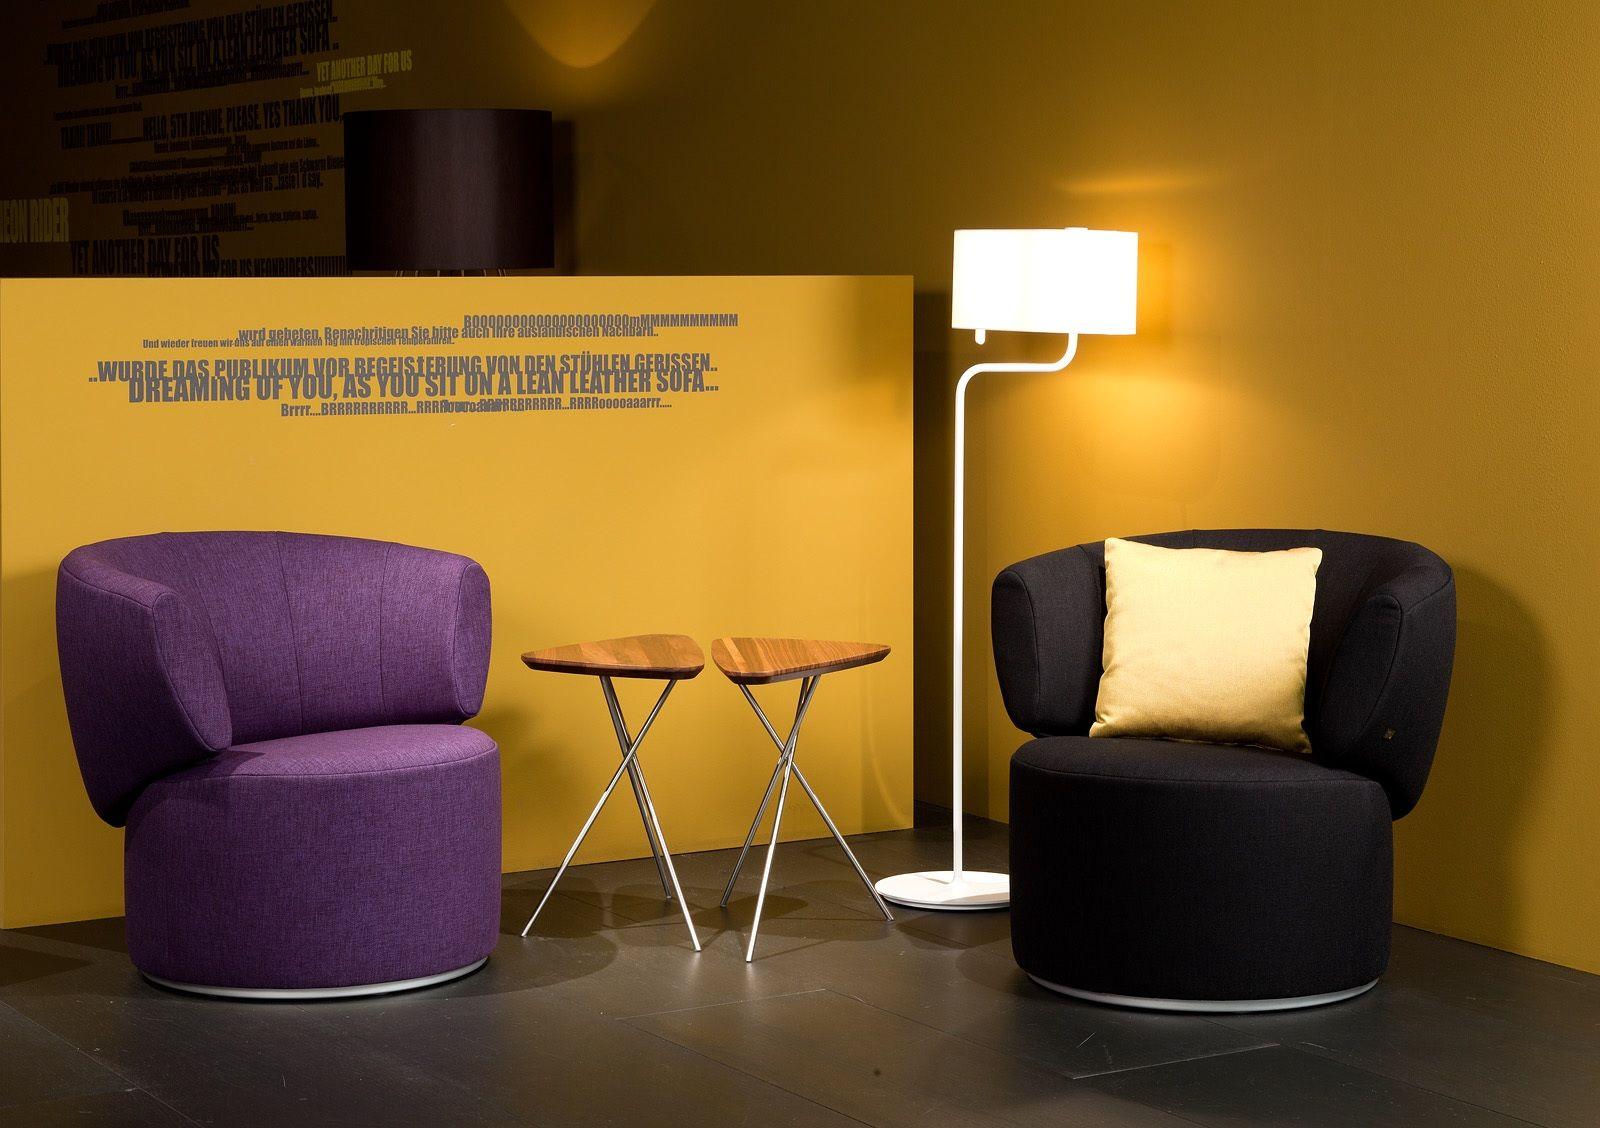 15 Rolf Benz 684 Ideas